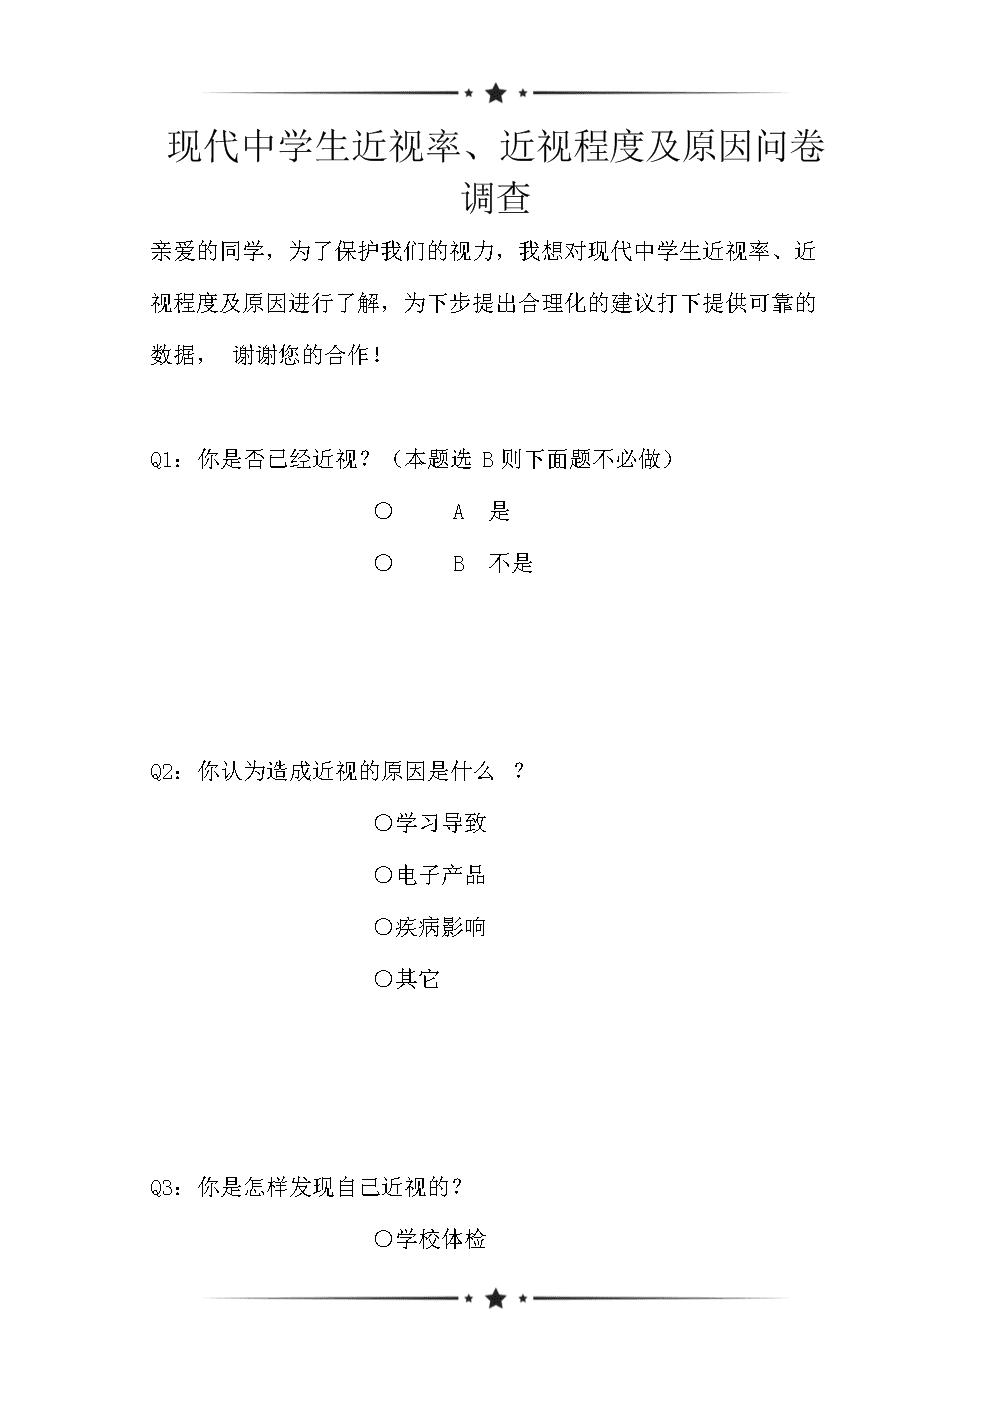 现代中学生近视率、近视程度及原因问卷调查(可编辑).doc